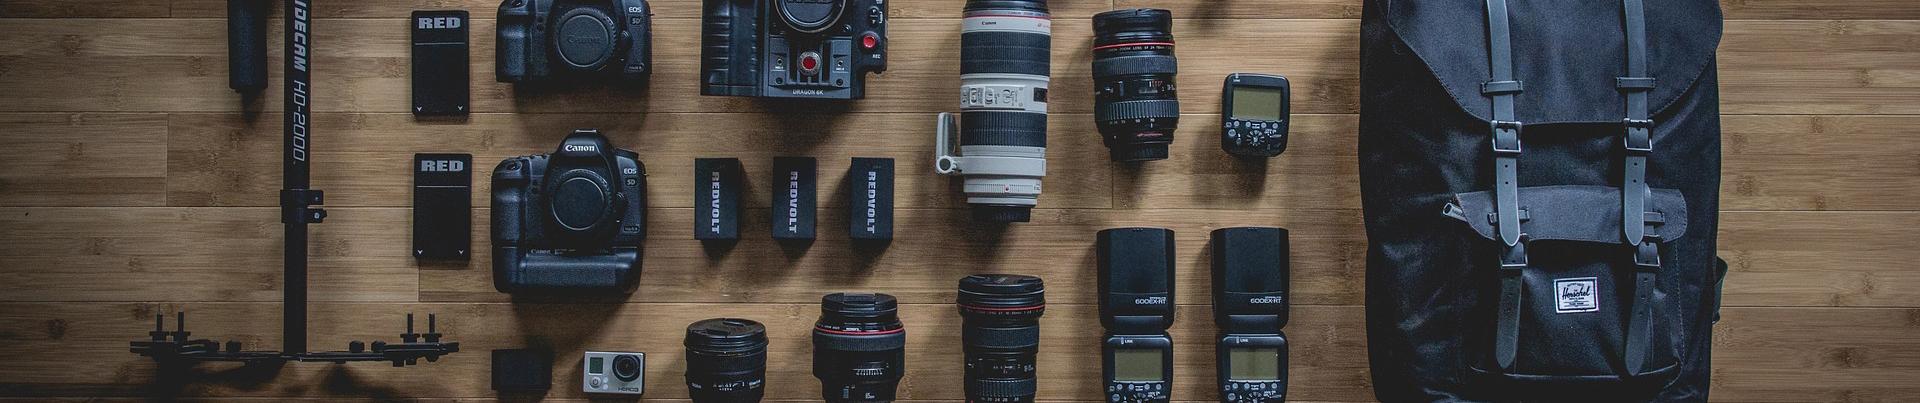 素人が写真を始めるにあたって使いやすいオススメカメラ特集